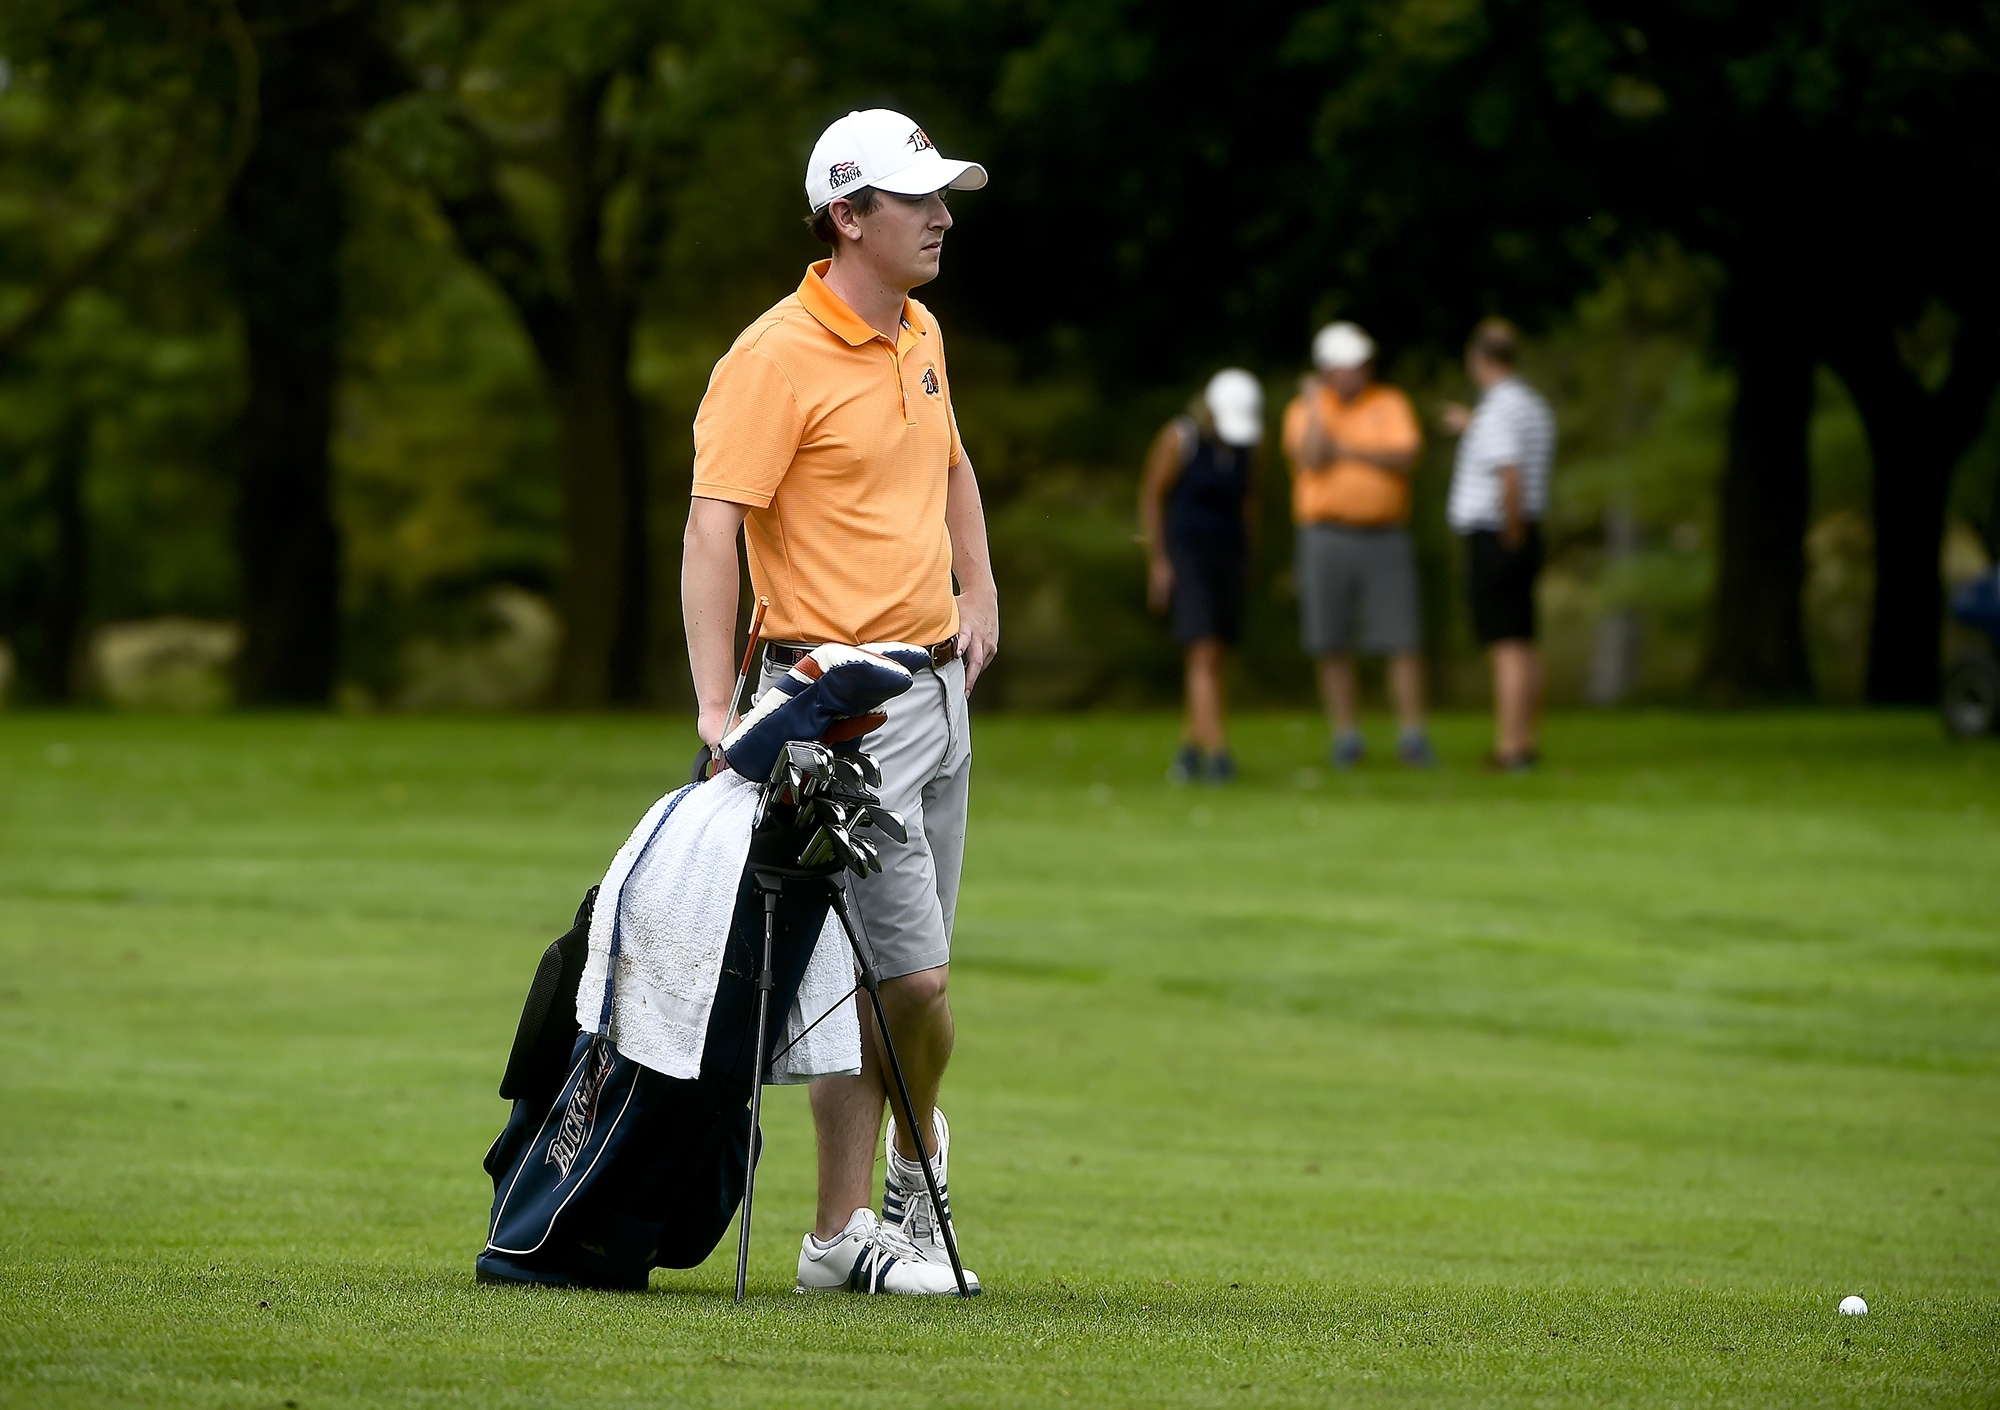 Connor O'brien - Men's Golf - Bucknell University Athletics